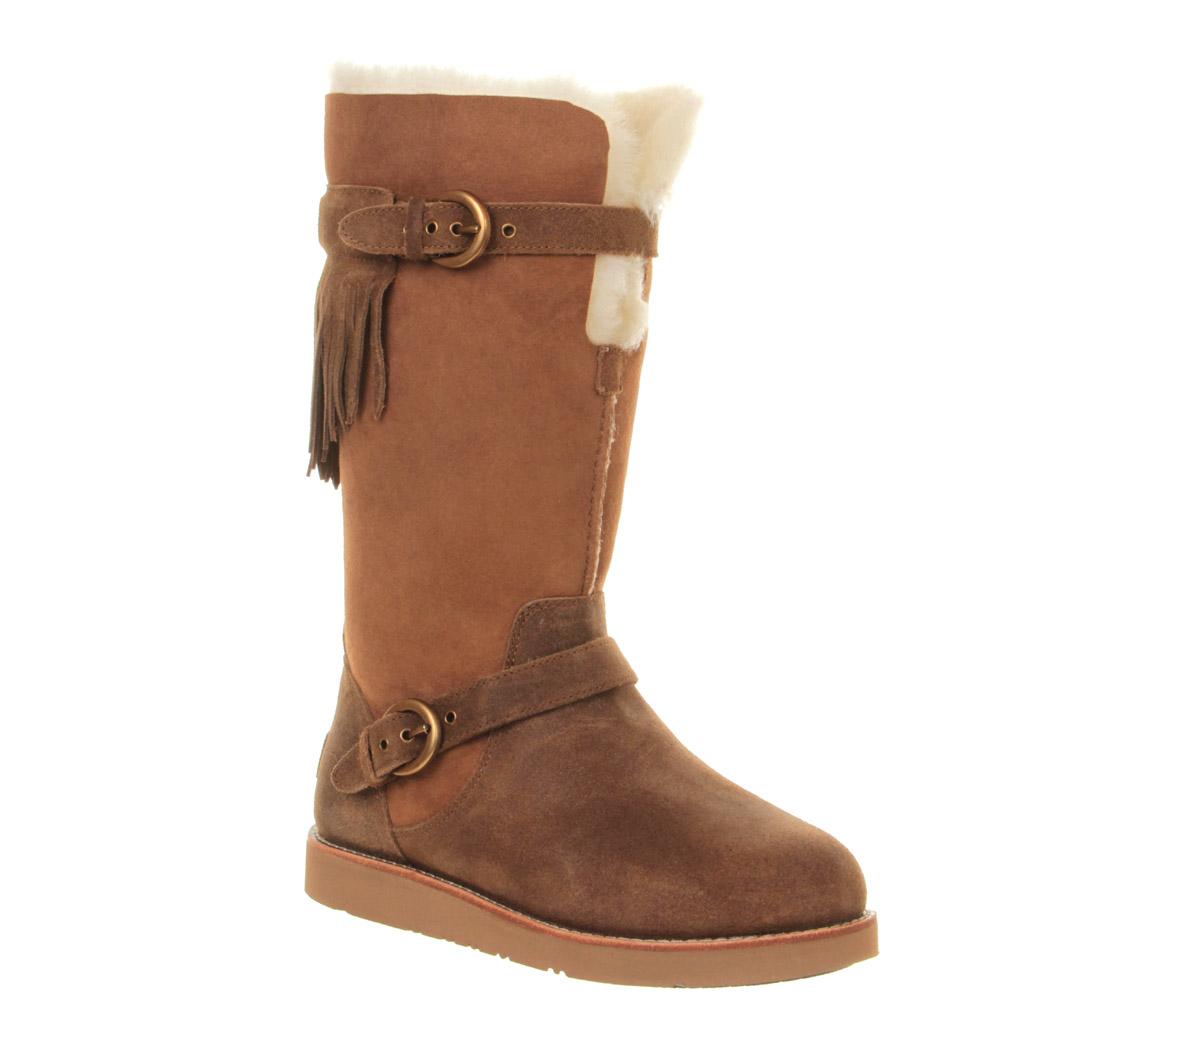 ugg dauphine mid heel calf boot in brown chestnut lyst